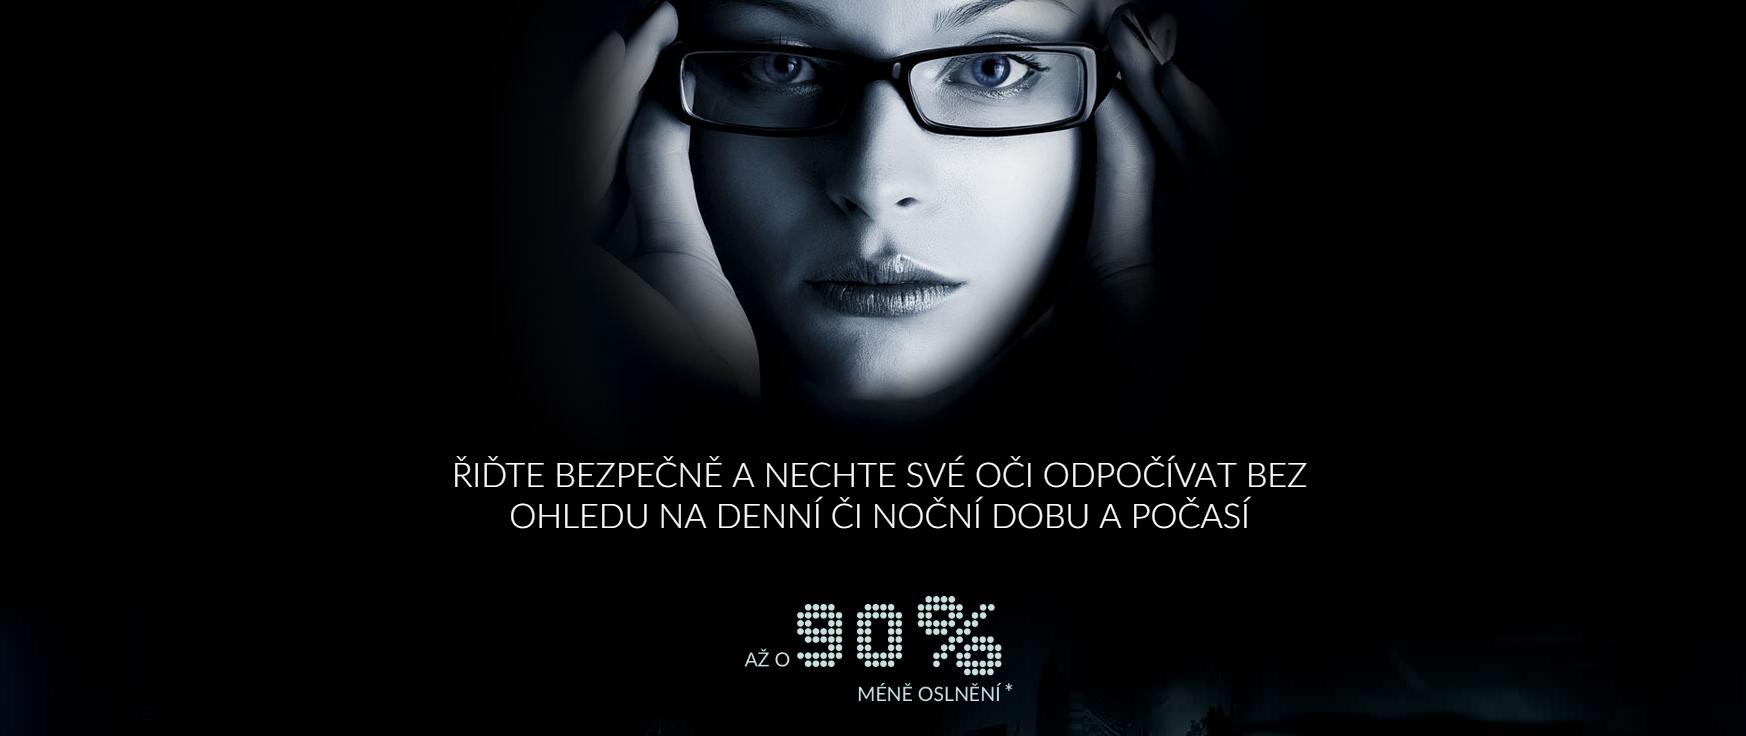 Brýle pro řidiče Hradec Králové